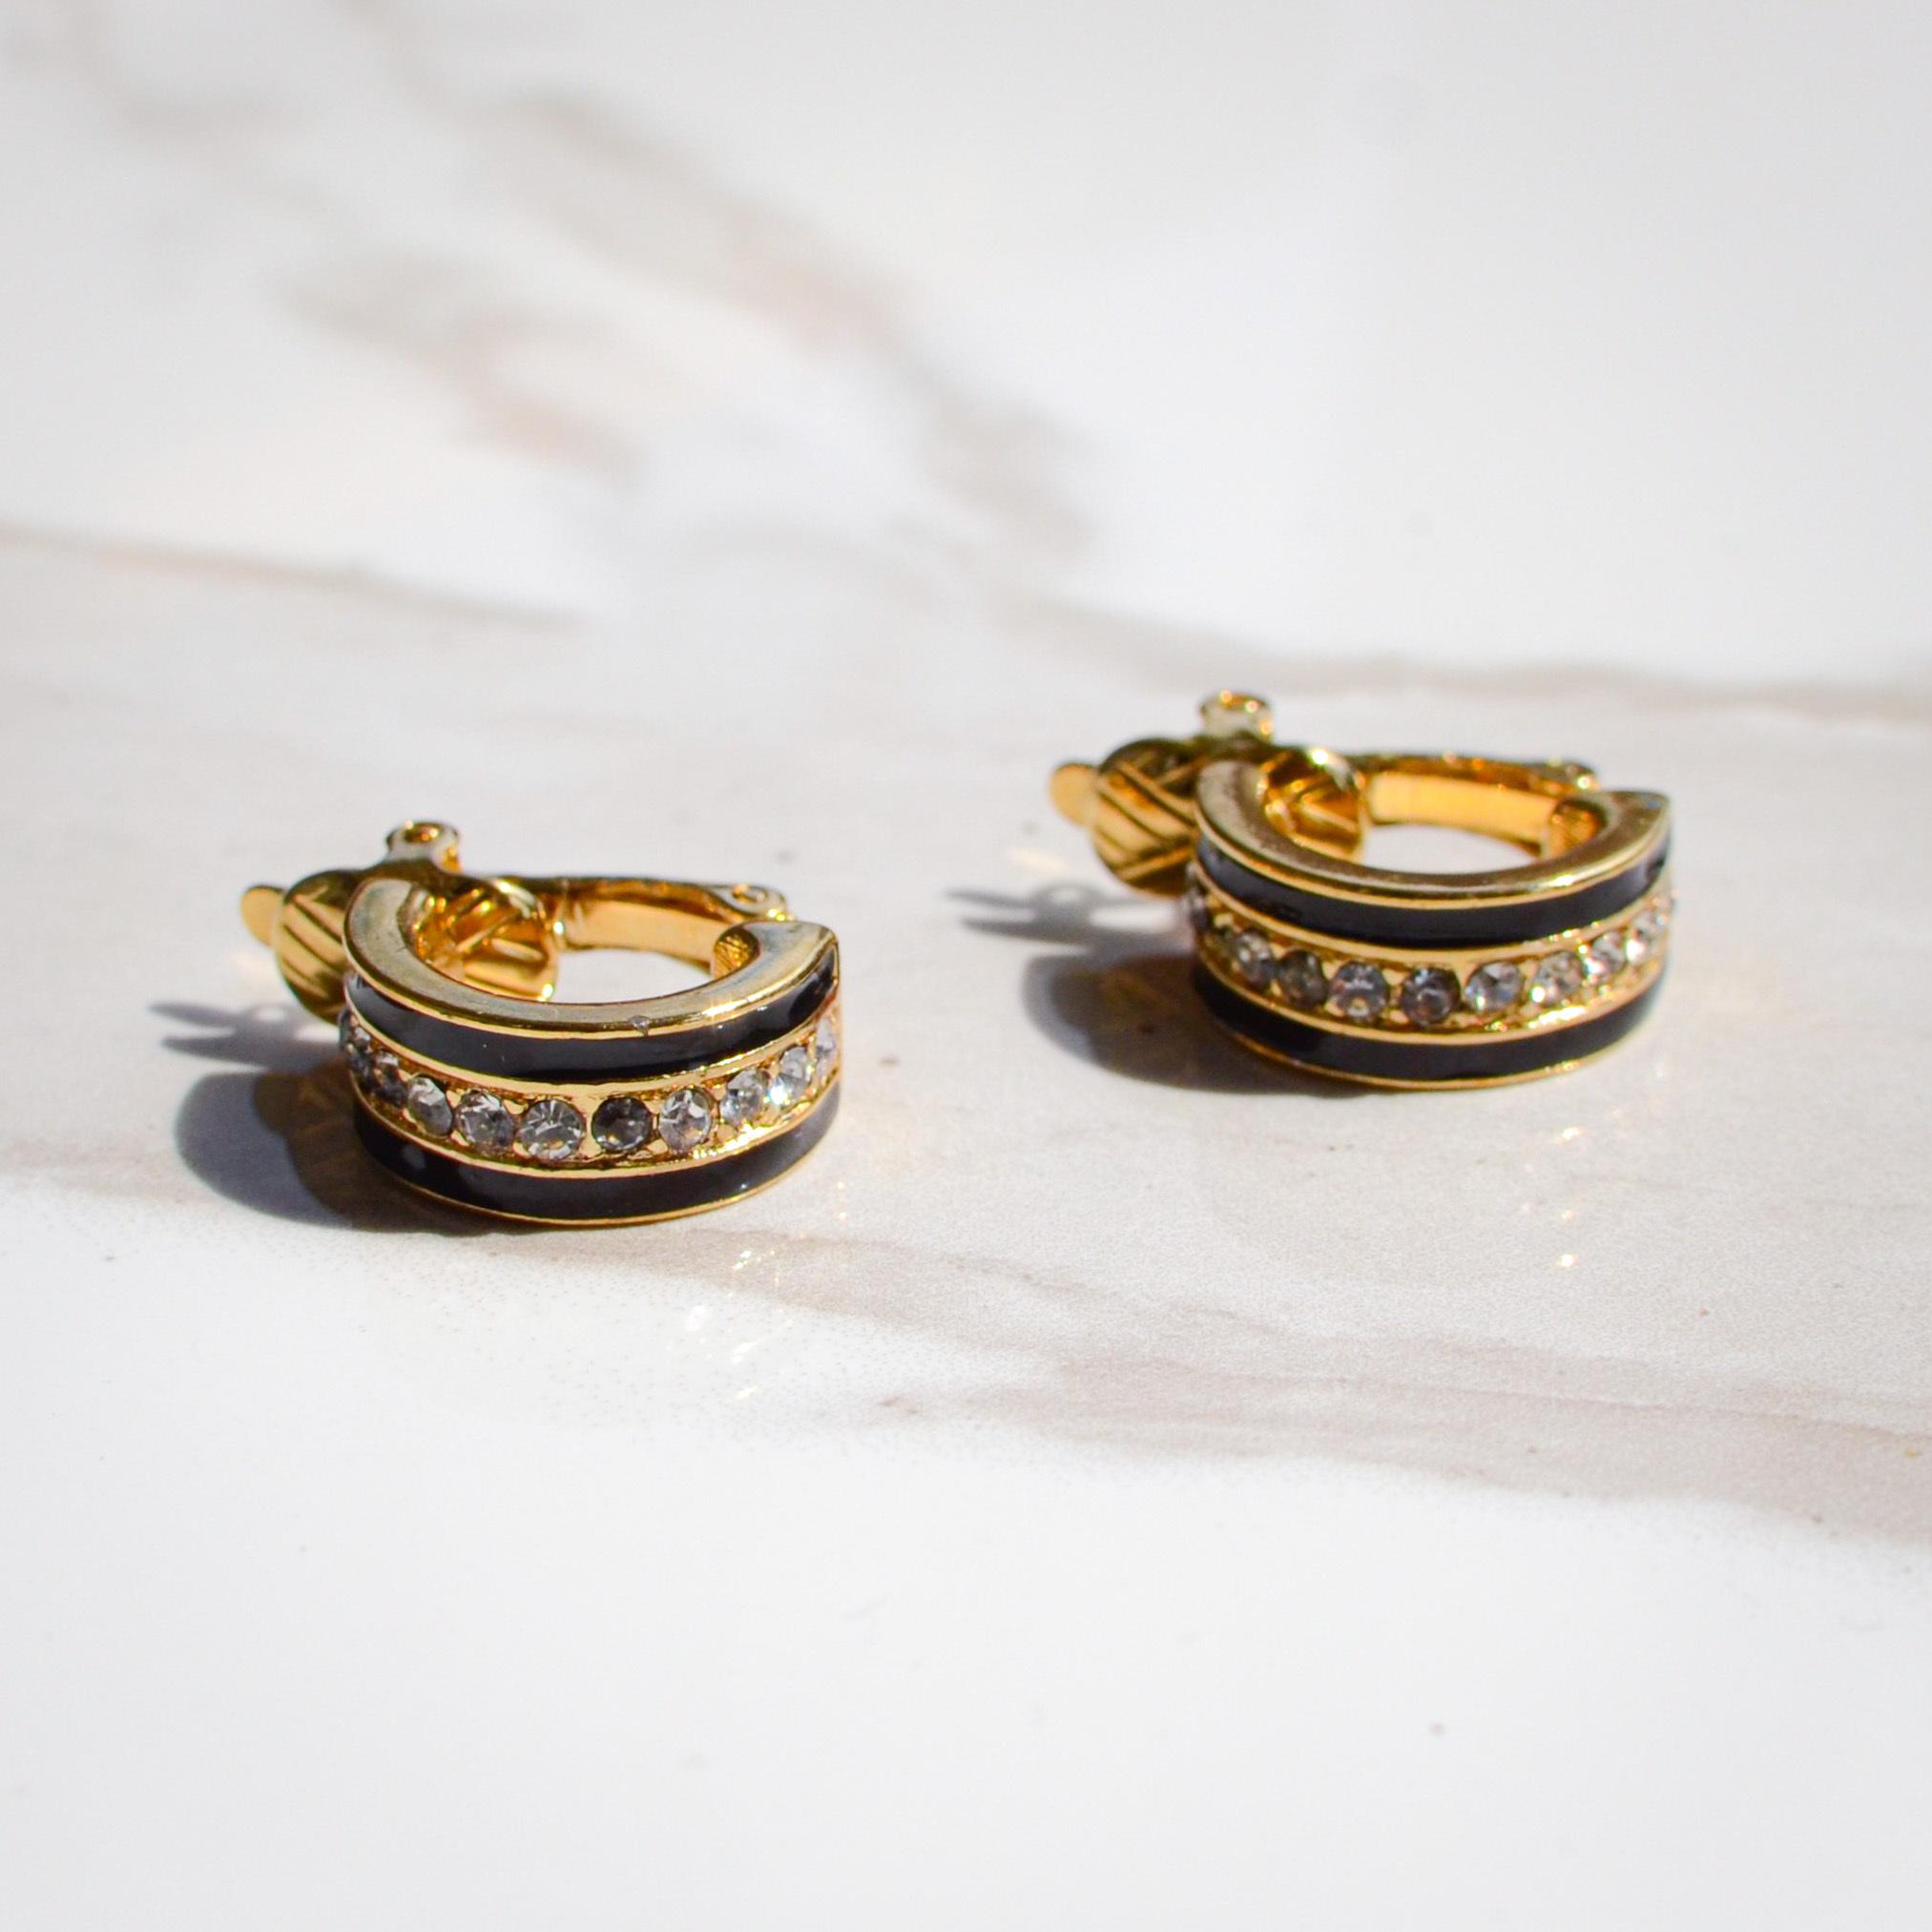 Trifariブラックとダイヤモンドビジューが大人っぽいイヤリング